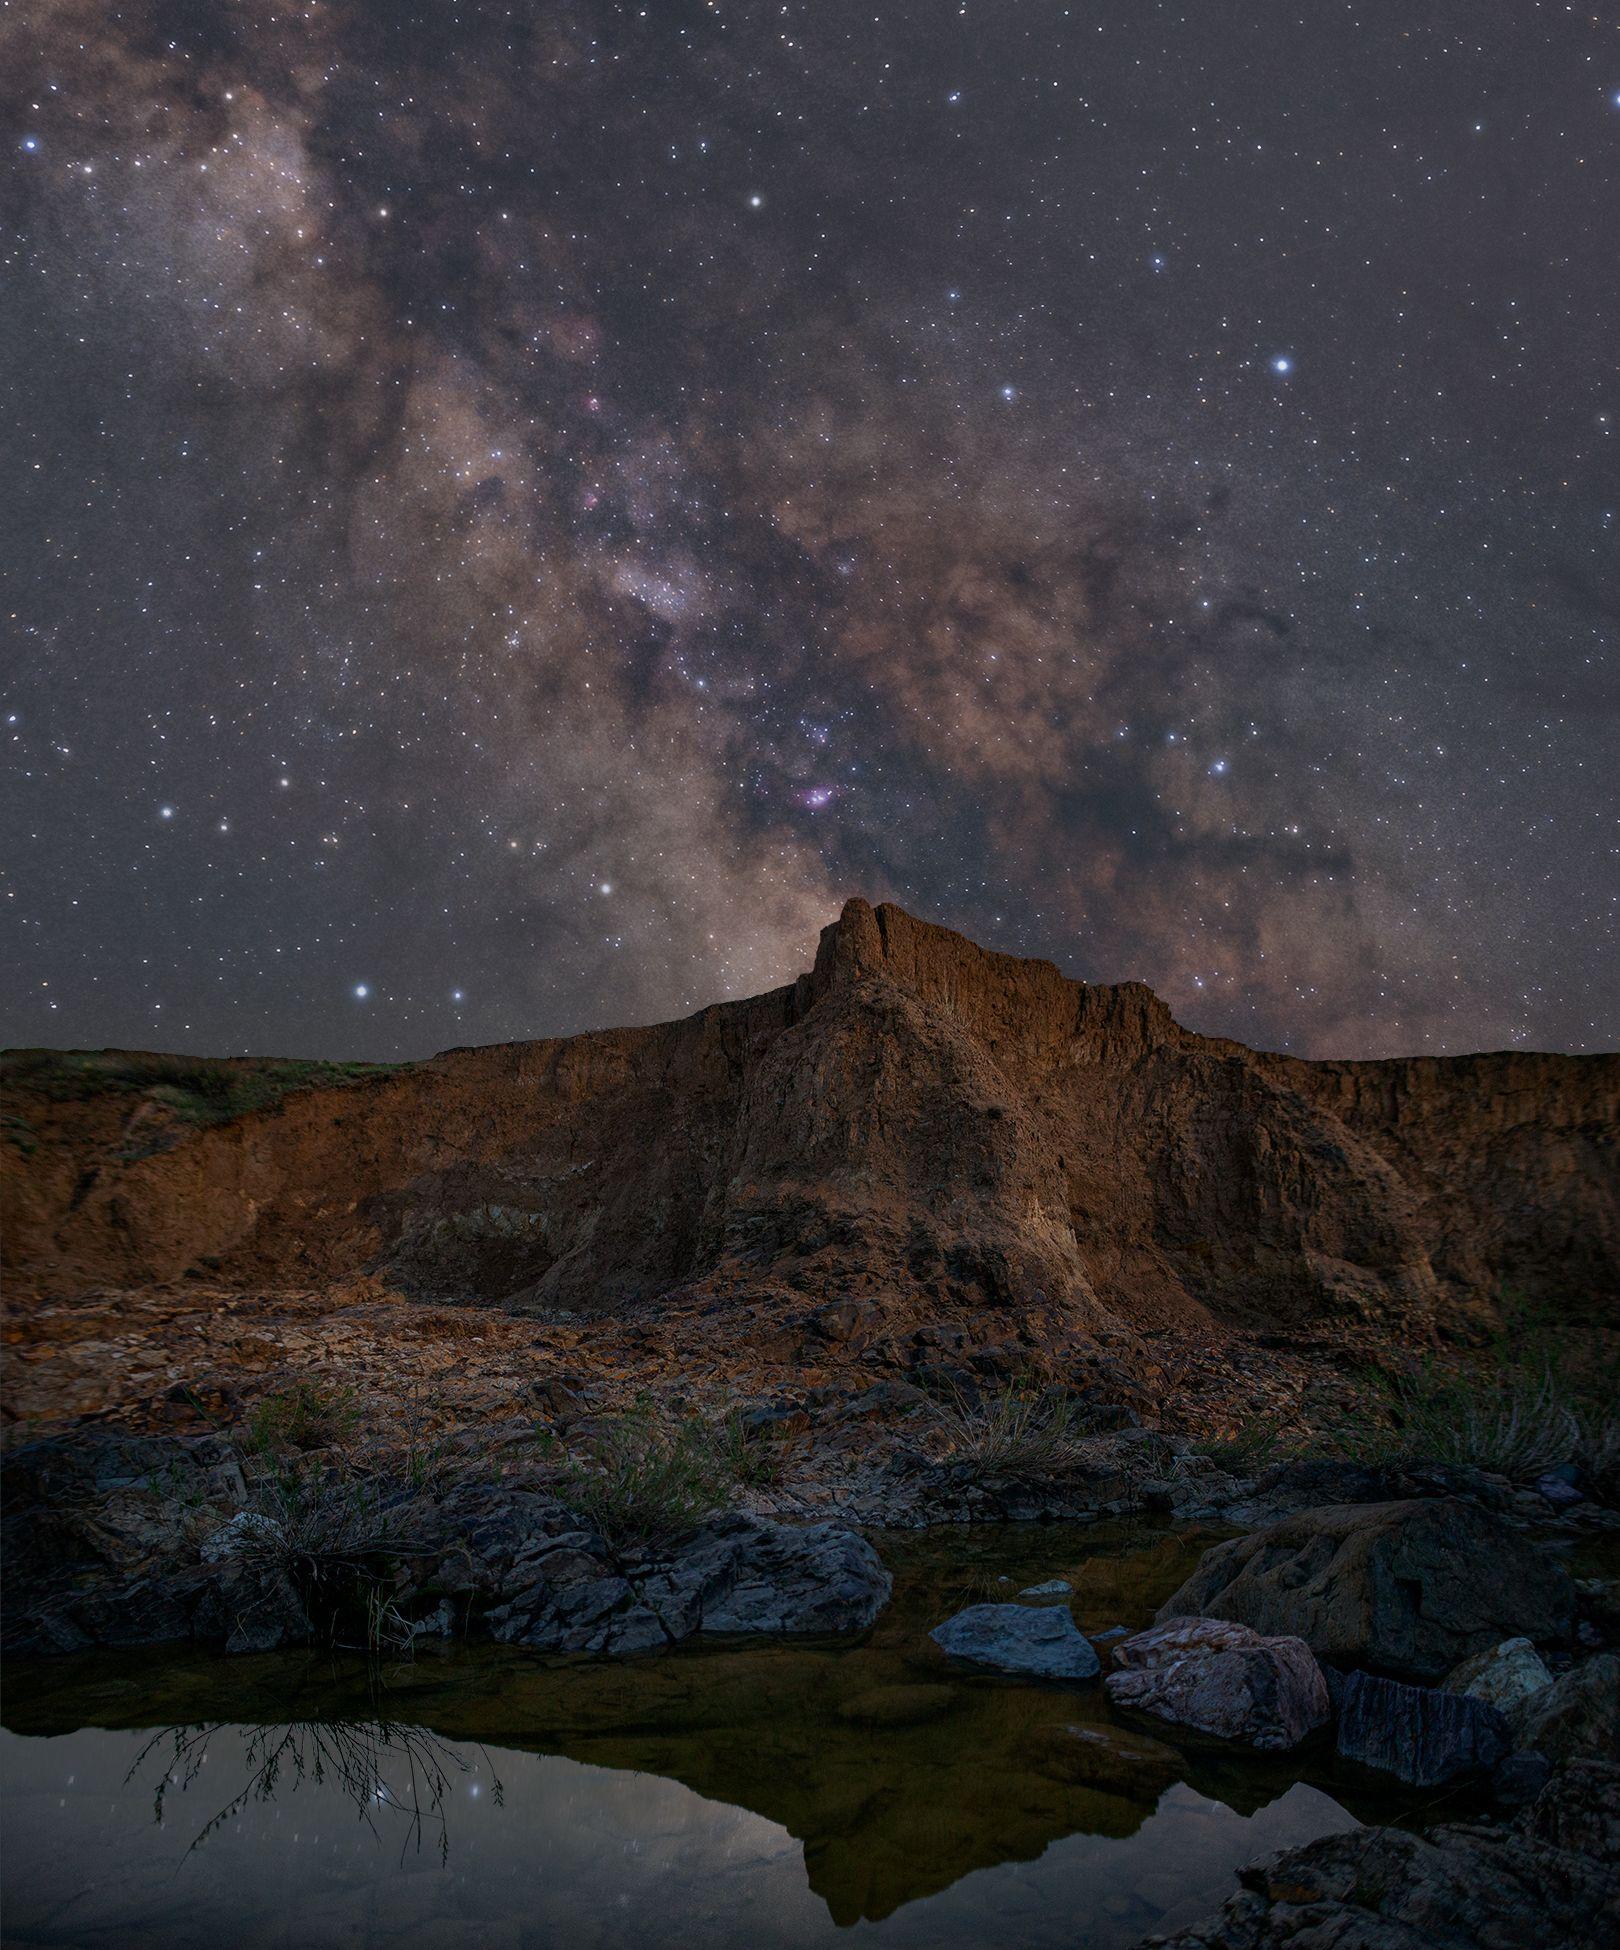 млечный путь, звезды, космос, ночь, длинная выдержка, canon, пейзаж, туманность, каньон, весна, река, вода, трава, камни, скалы, отражение, Бондарь Евгений